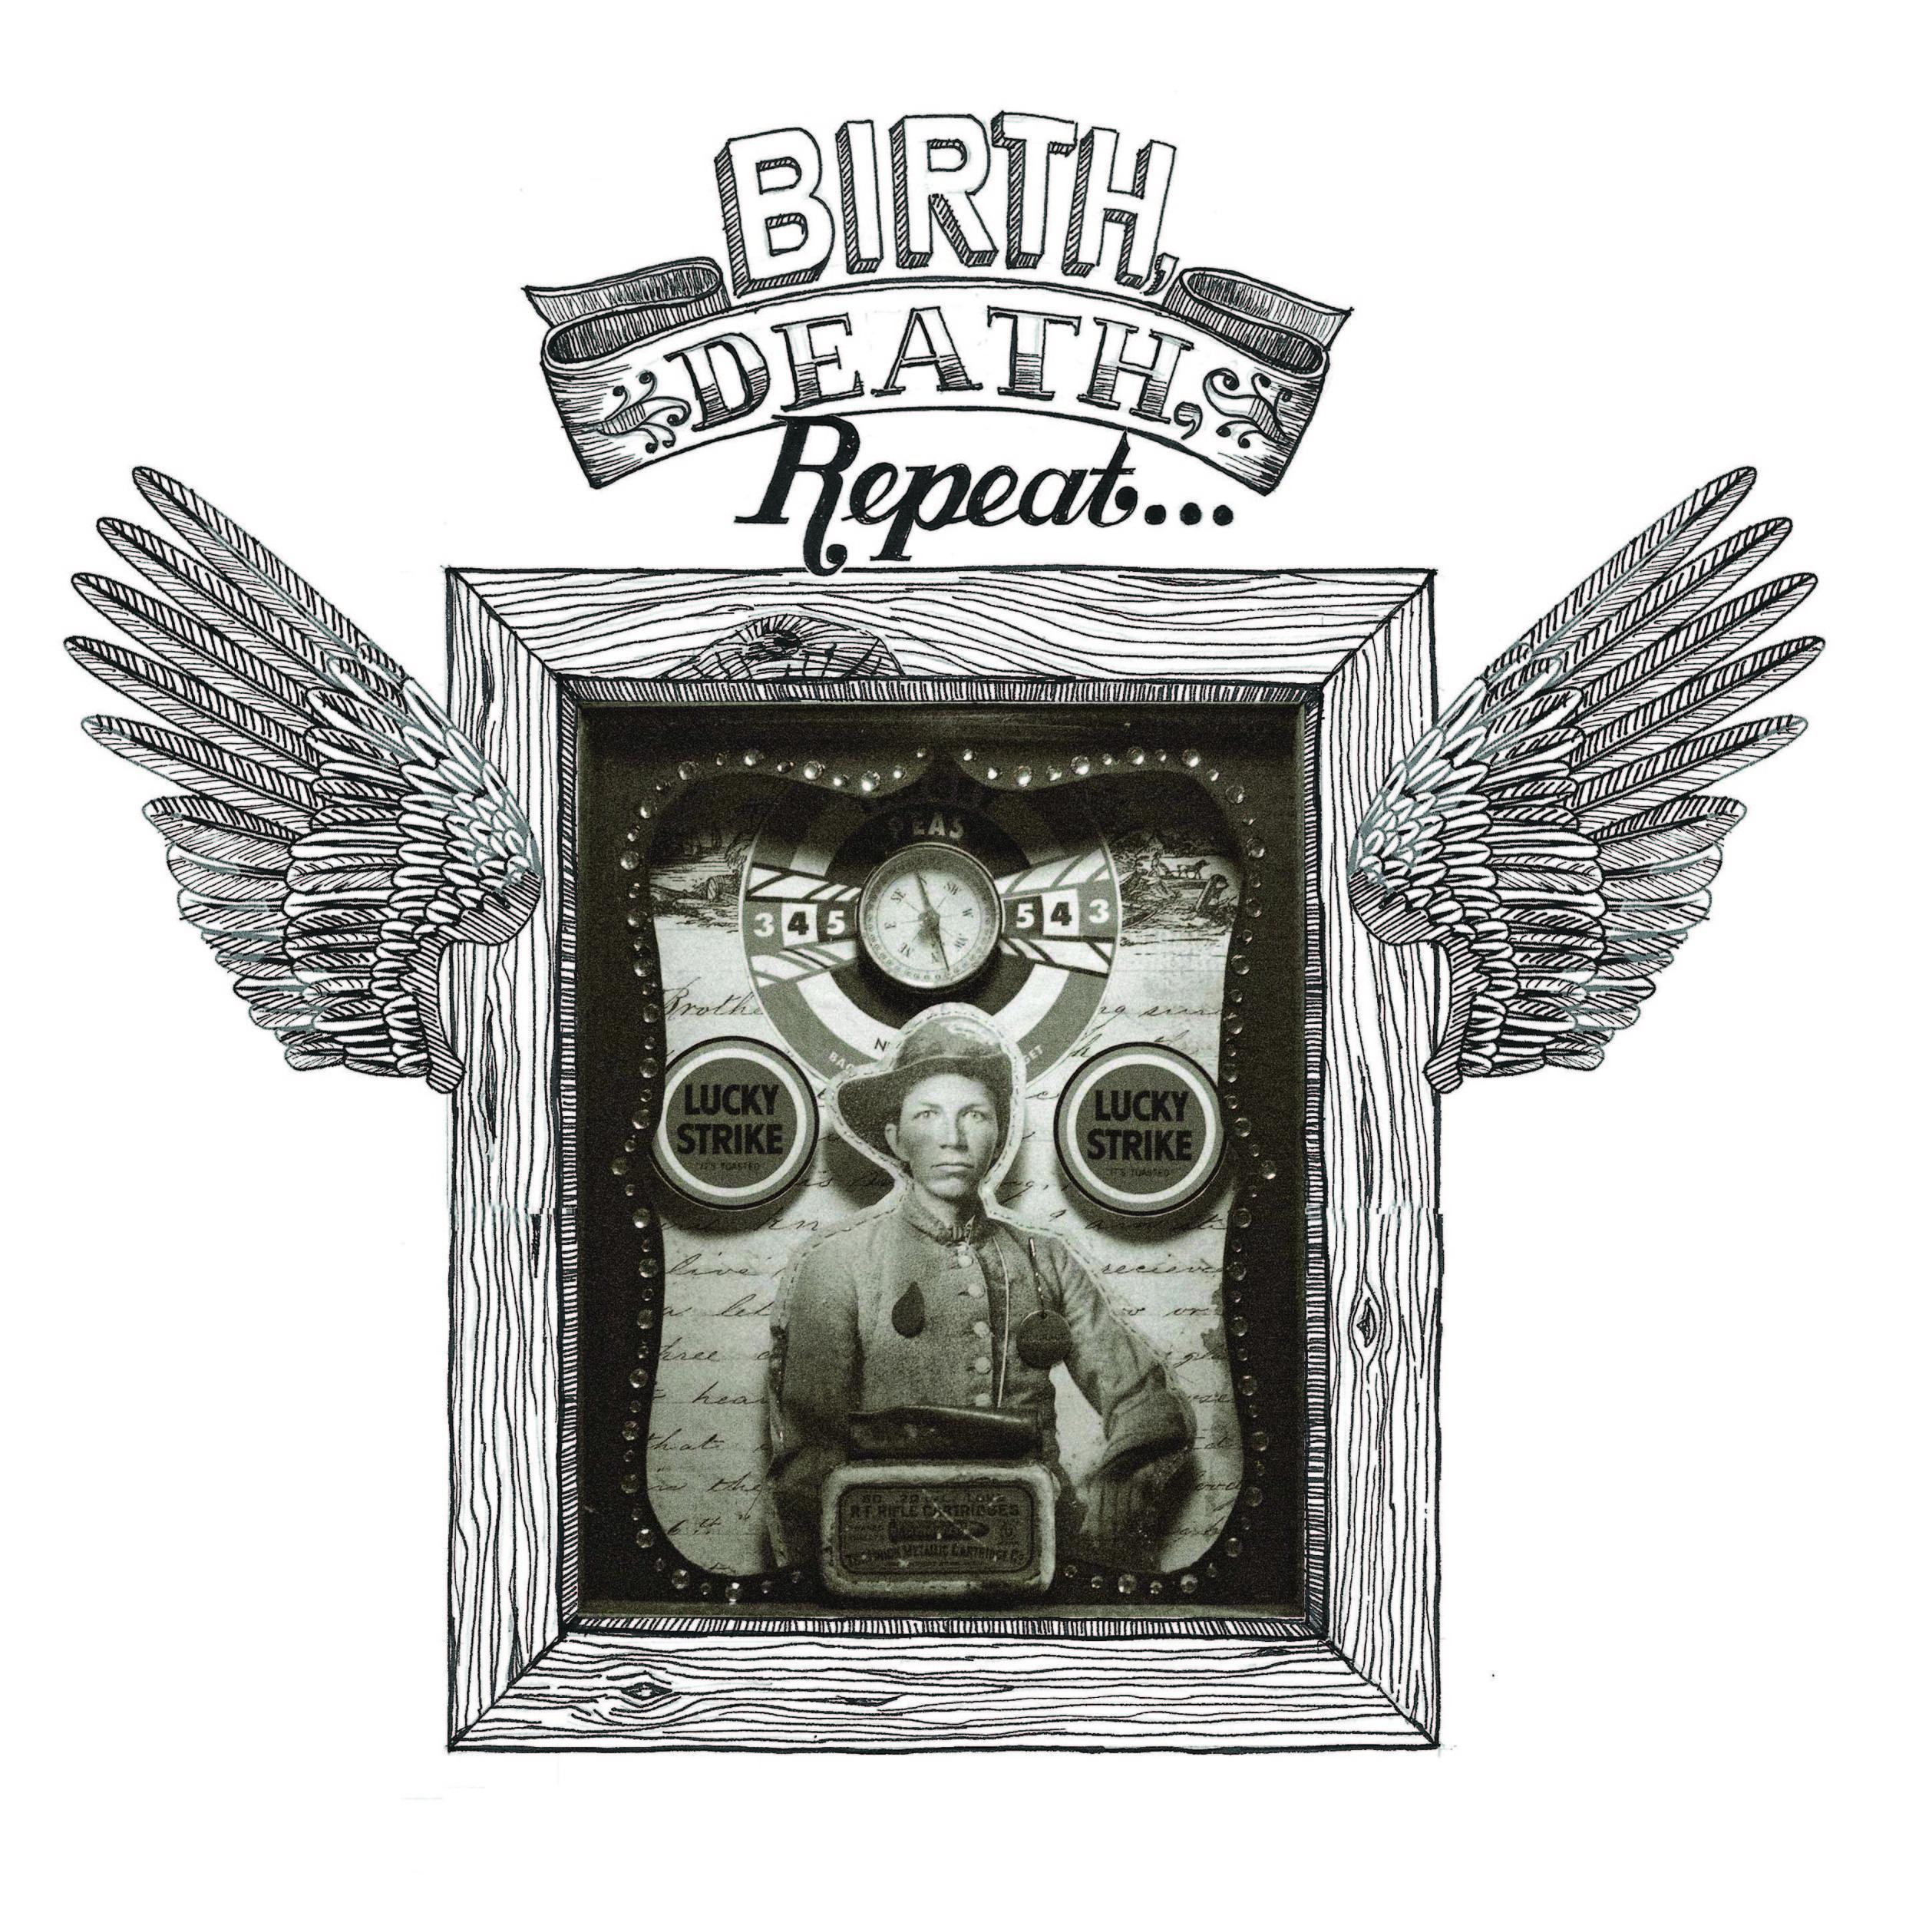 Birth, Death, Repeat….